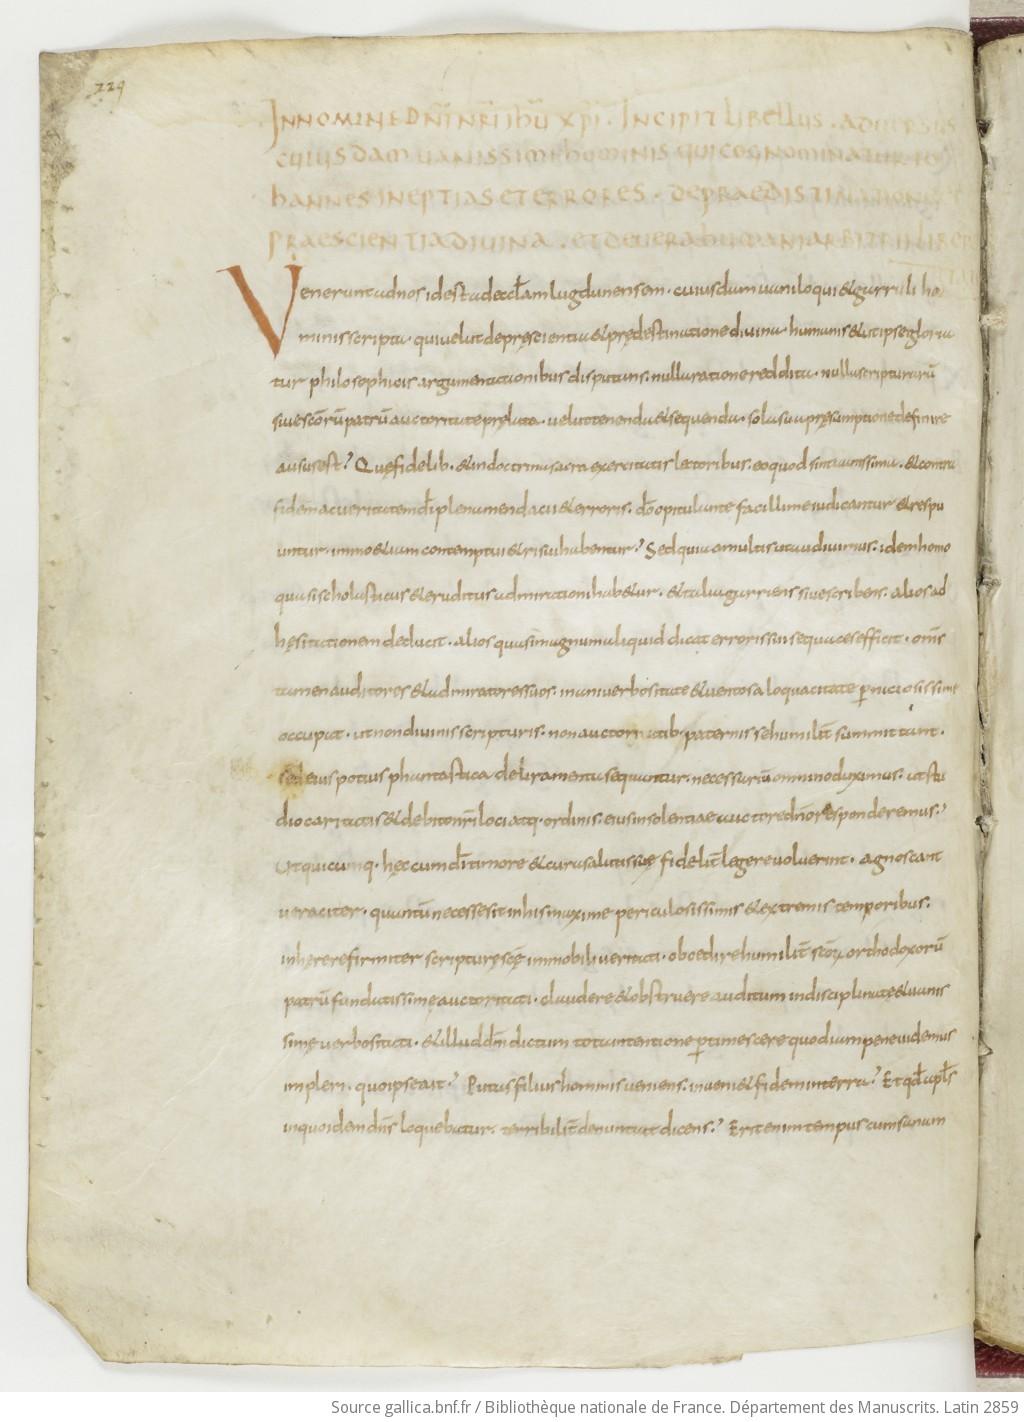 http://gallica.bnf.fr/ark:/12148/btv1b8423837b/f238.highres